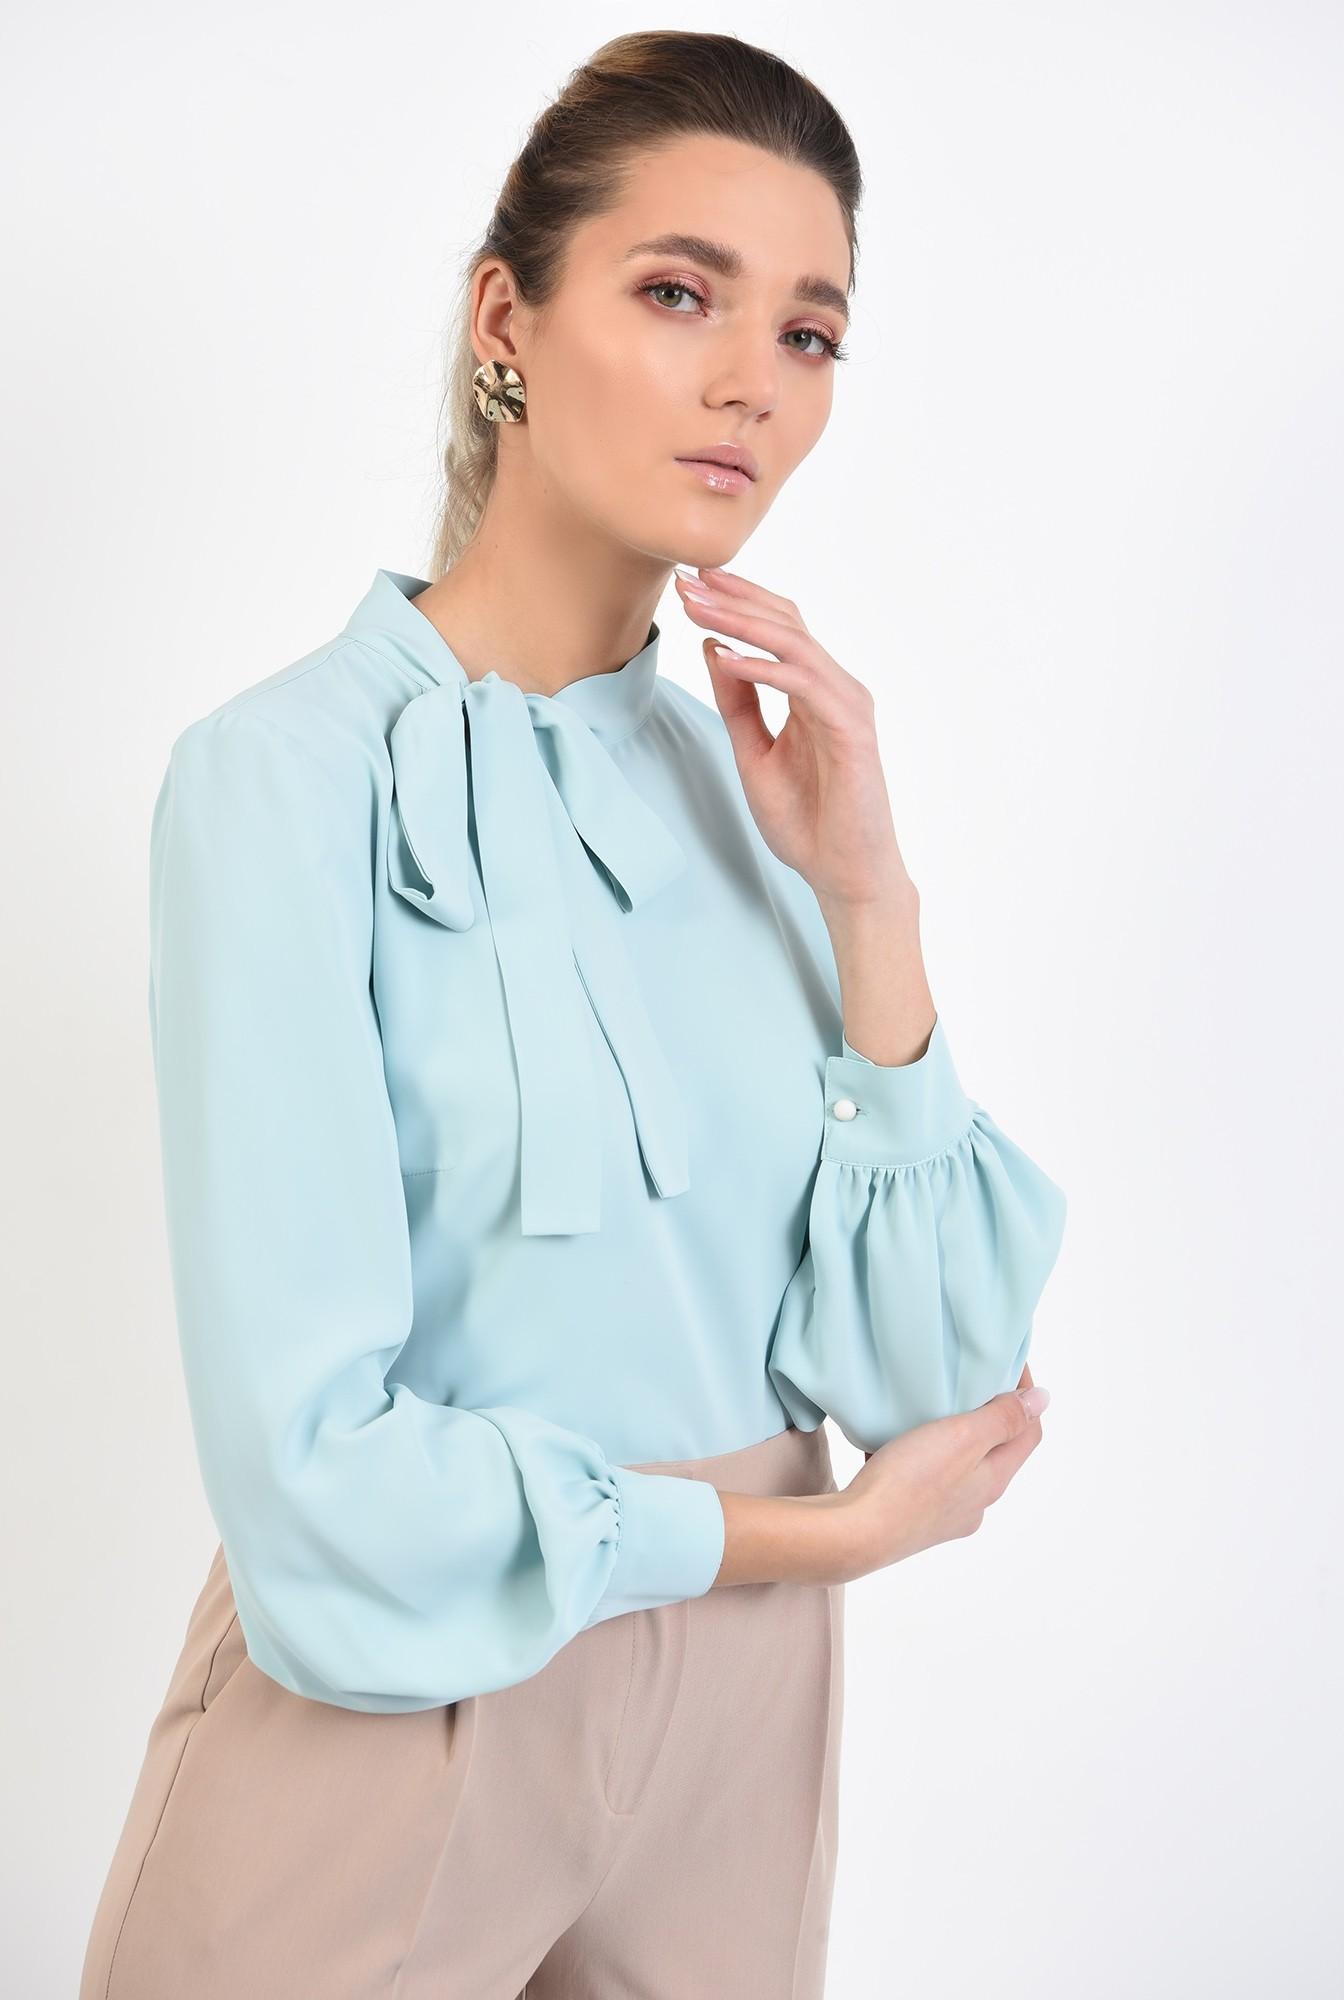 2 - 360 - bluza casual, cu funda laterala, maneci lungi, bluza de primavara